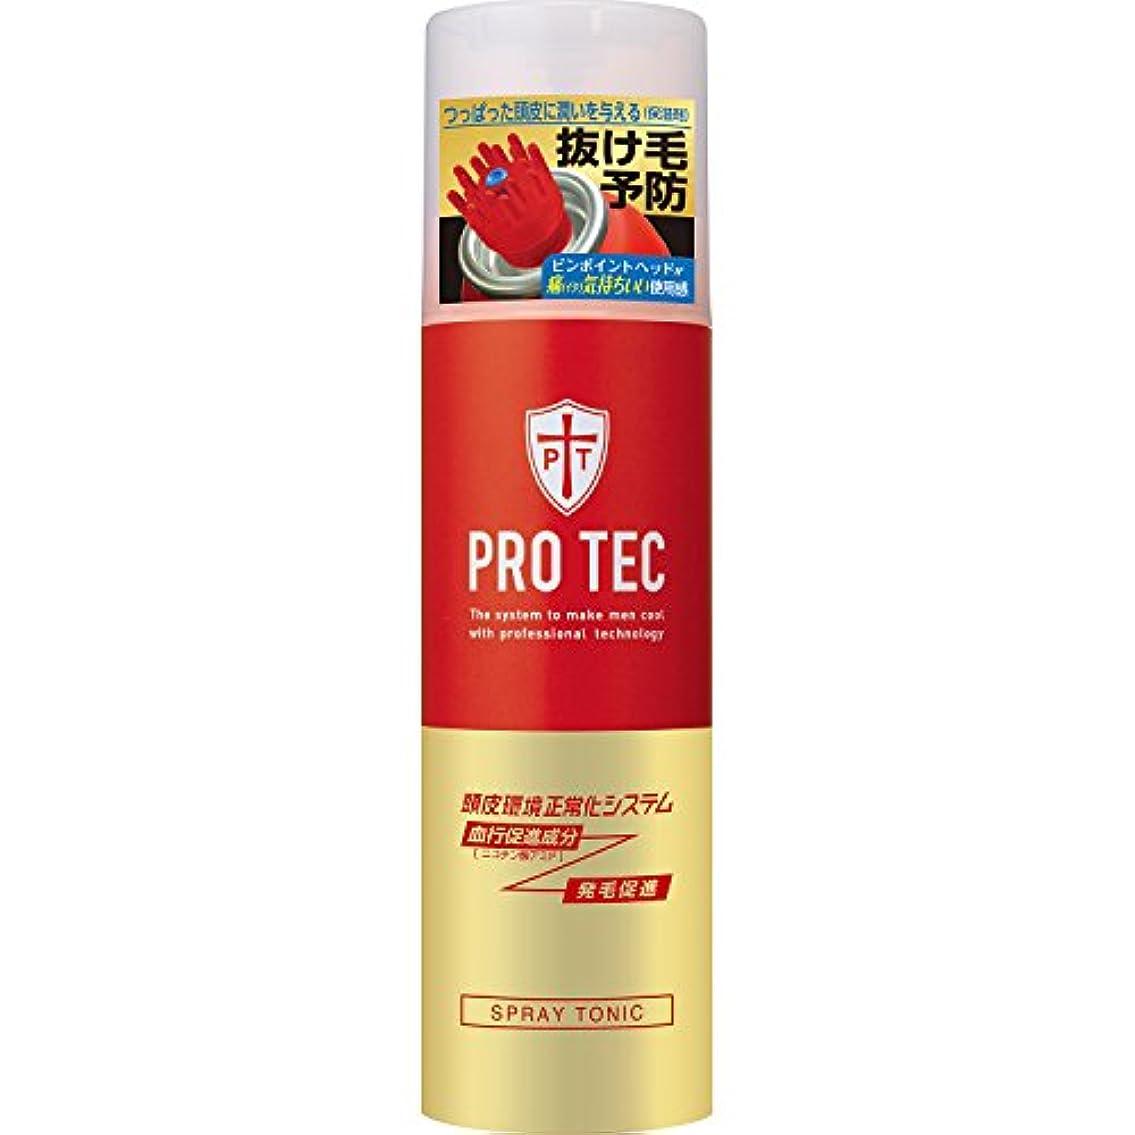 義務的超音速娯楽PRO TEC(プロテク) スプレートニック 150g(医薬部外品)